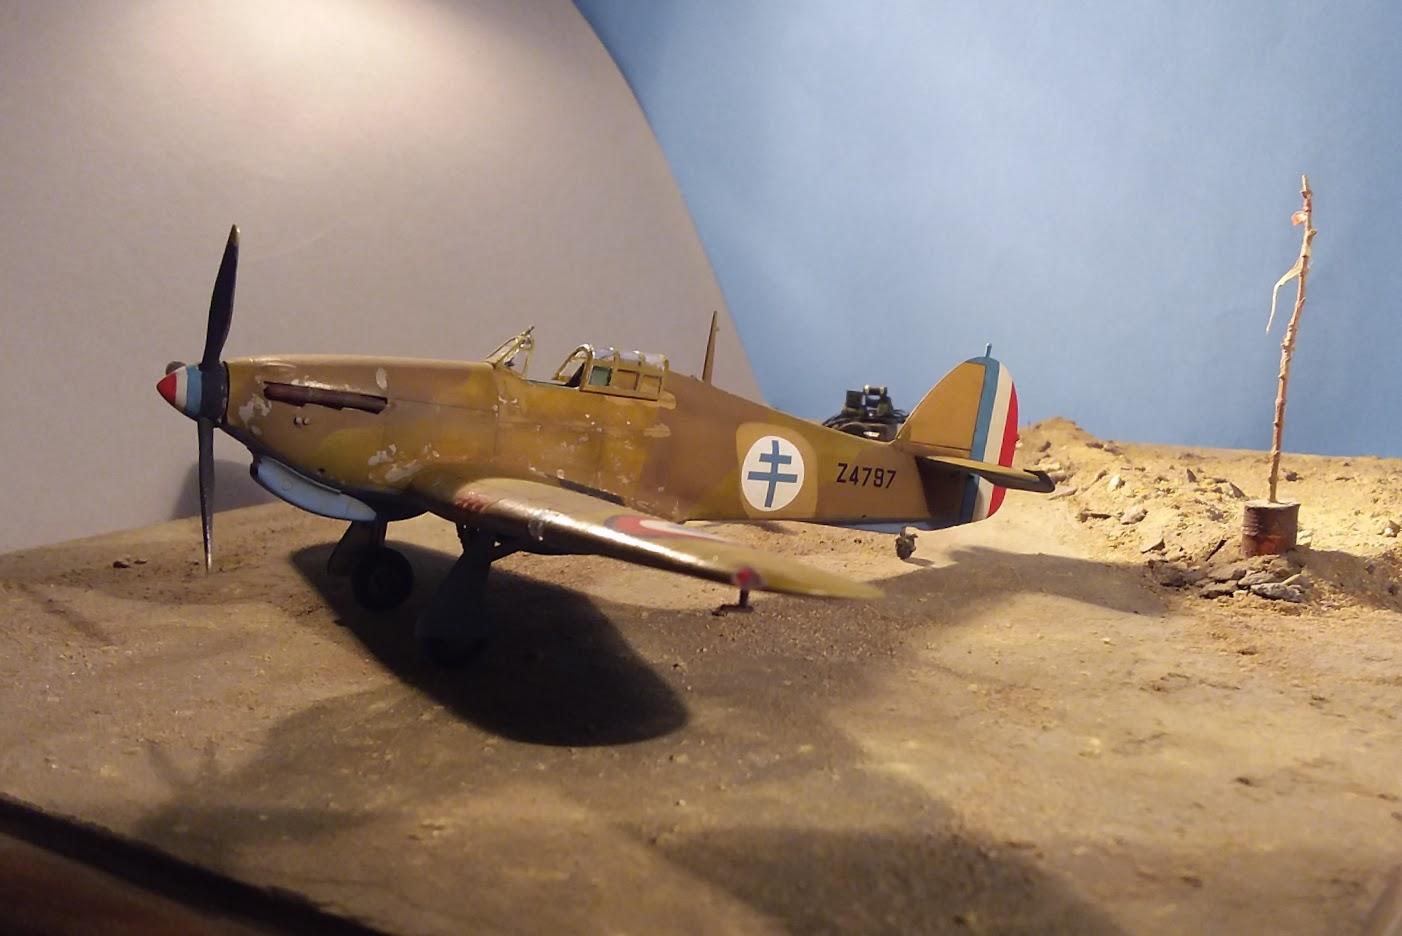 [Armahobby] Hawker Hurricane MkI ACtC-3cBHa4DWbJHAflwq_Wwnc2tz7SdD8Ya5Nw4luZkxv57ktFGvDxBeuxIuGuT_8JuXox3yVl0MDBbpvITX6Wovc1u8uUTKIMjPU3gnA4STFfHG14zmI2N91RKhbFqFh53yIdERtbvzdI2sKaruTJze_7gYw=w1403-h937-no?authuser=0